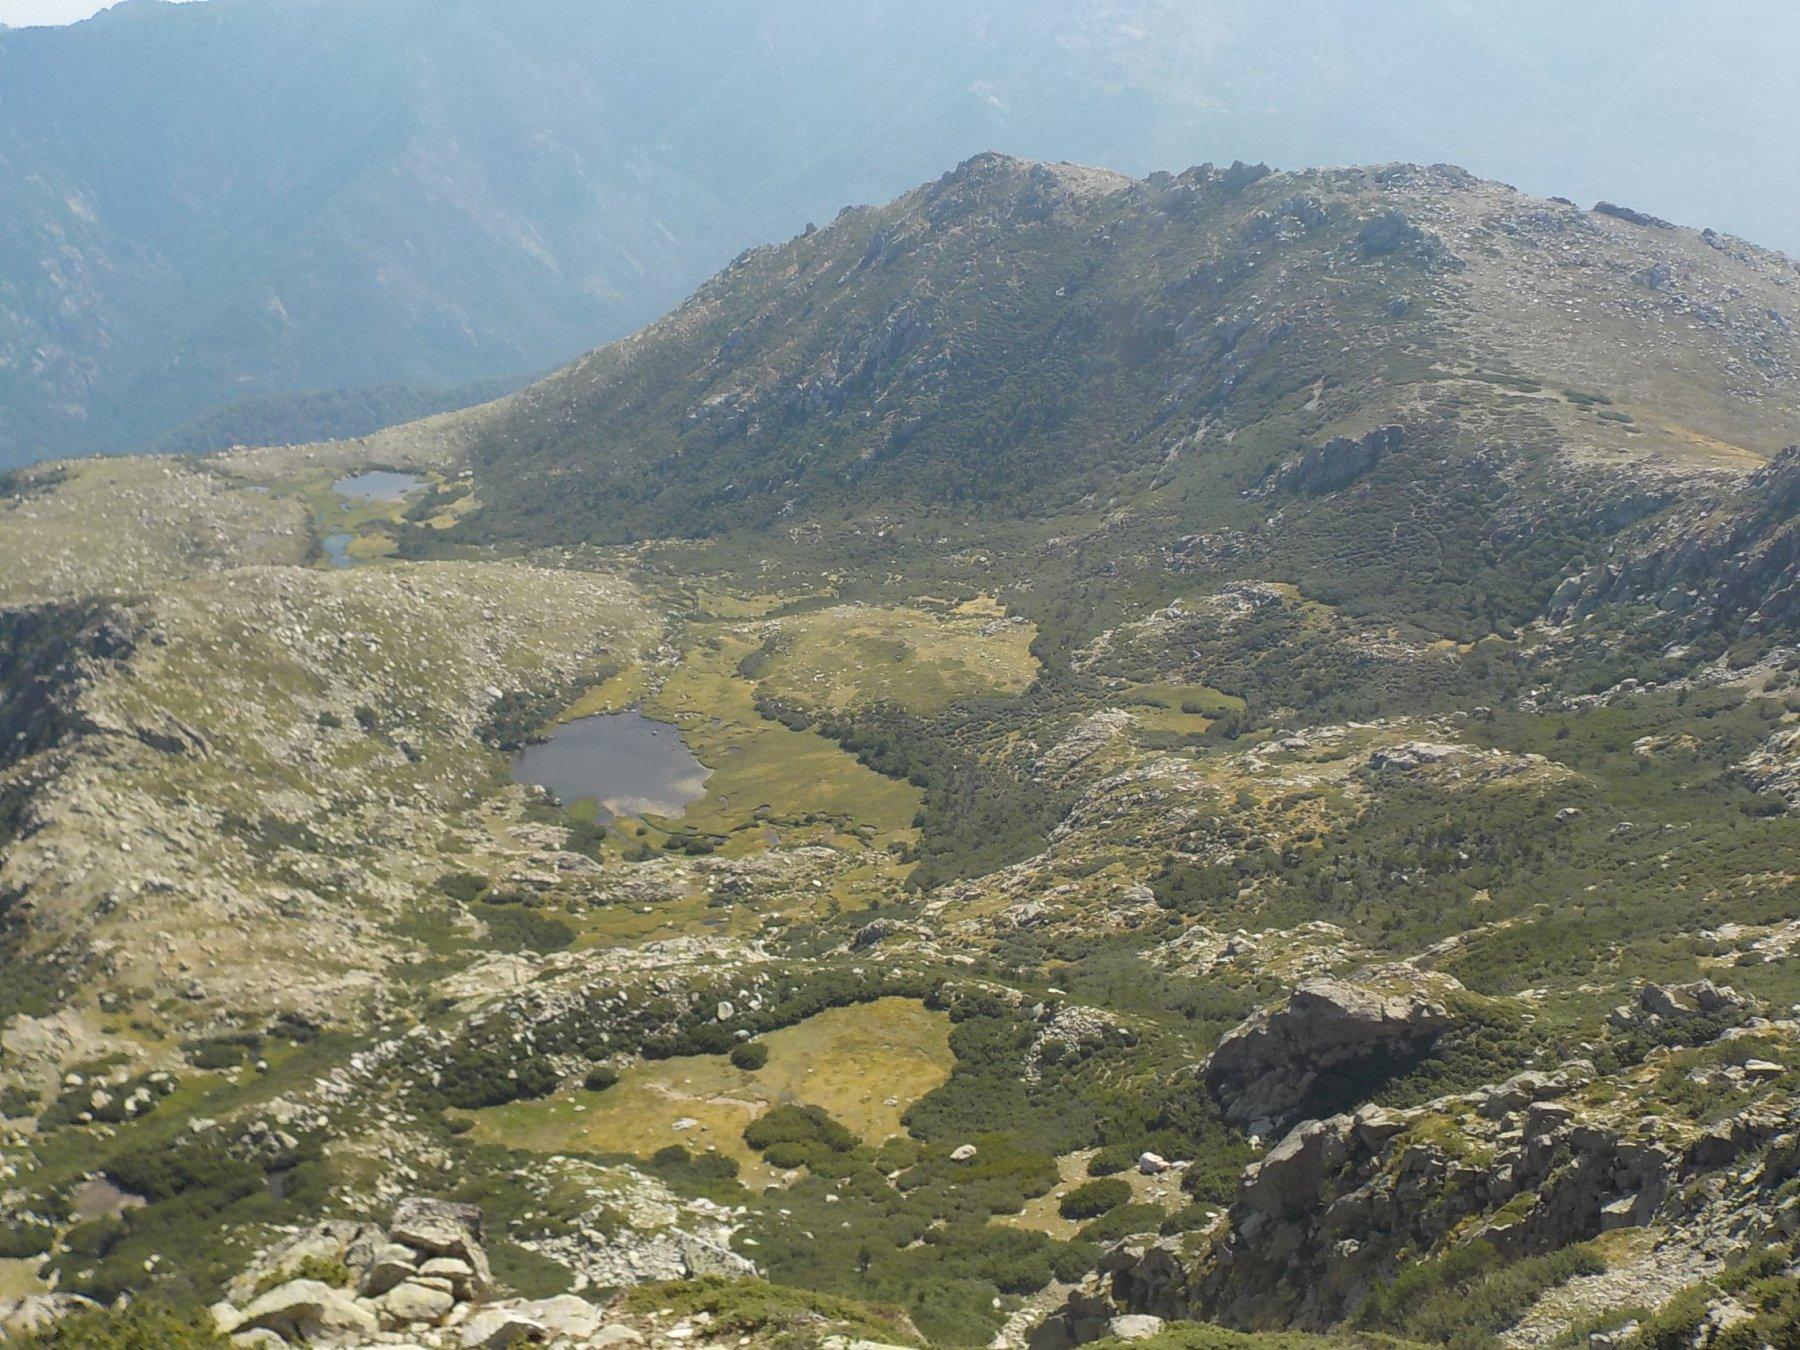 Laghi di Rina e a dx Punta Cappella e Col de Pruno